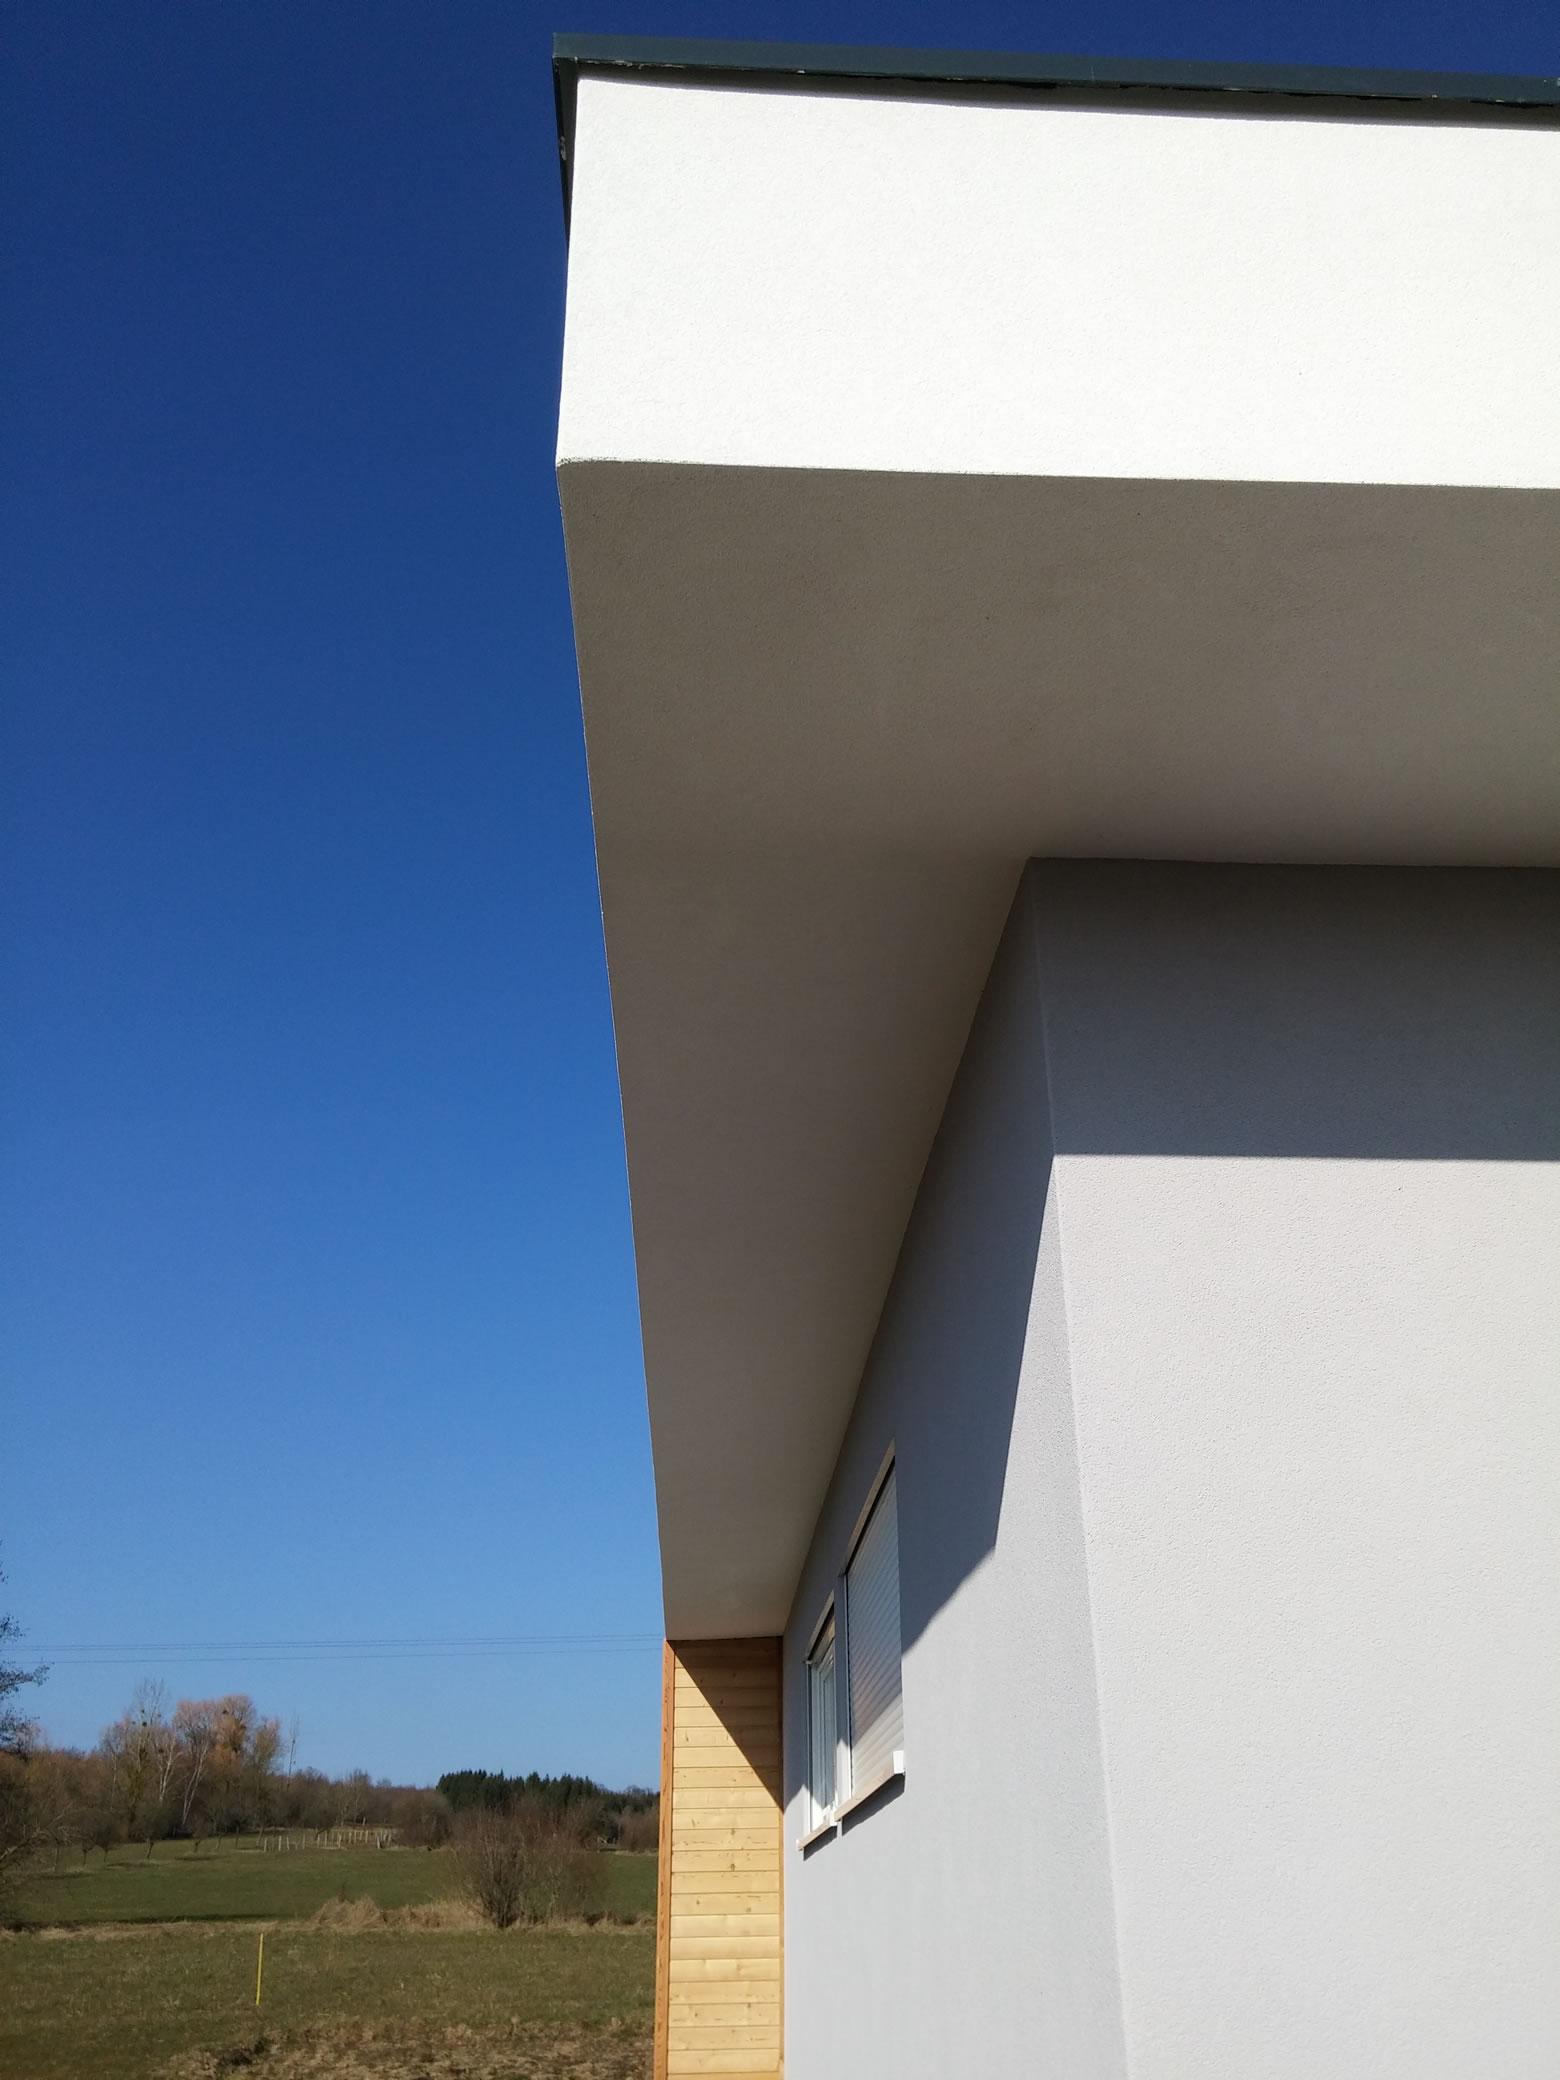 cool prix maison bois m maison neuve en with prix maison neuve 200m2 - Prix Construction Maison Neuve 200m2